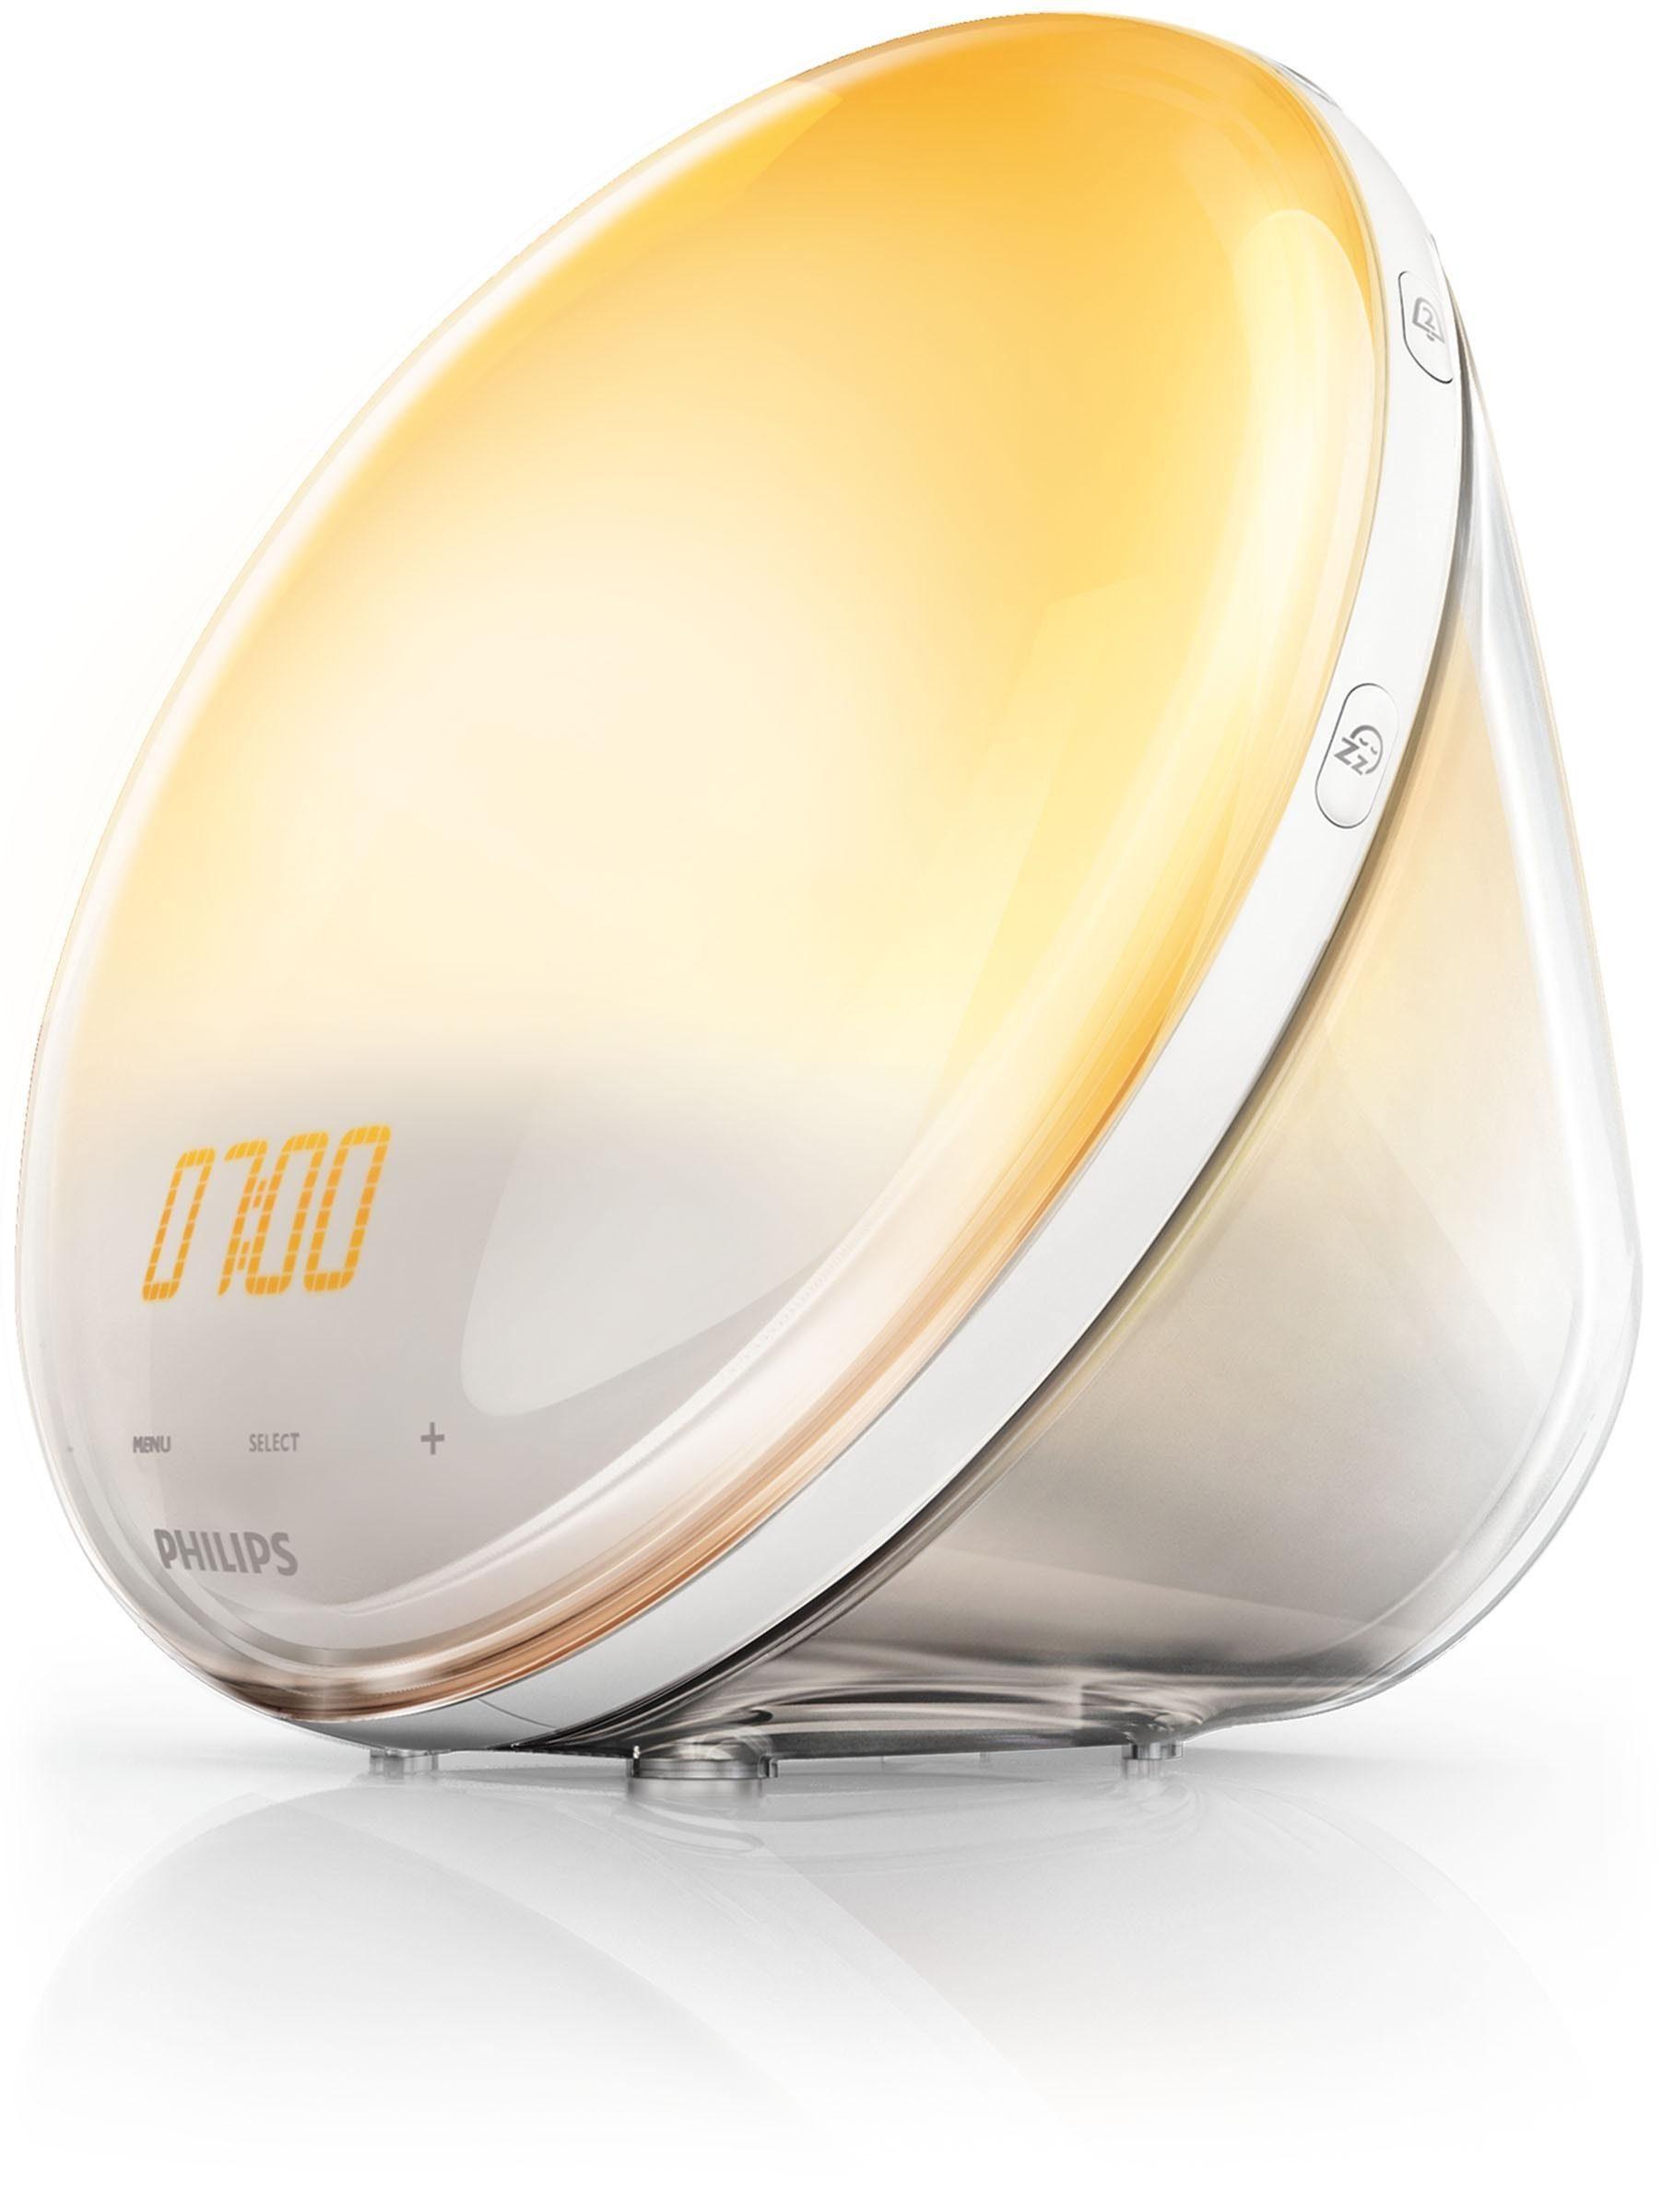 Philips Wekker Licht : Philips wake up light hf voor nog natuurlijker ontwaken